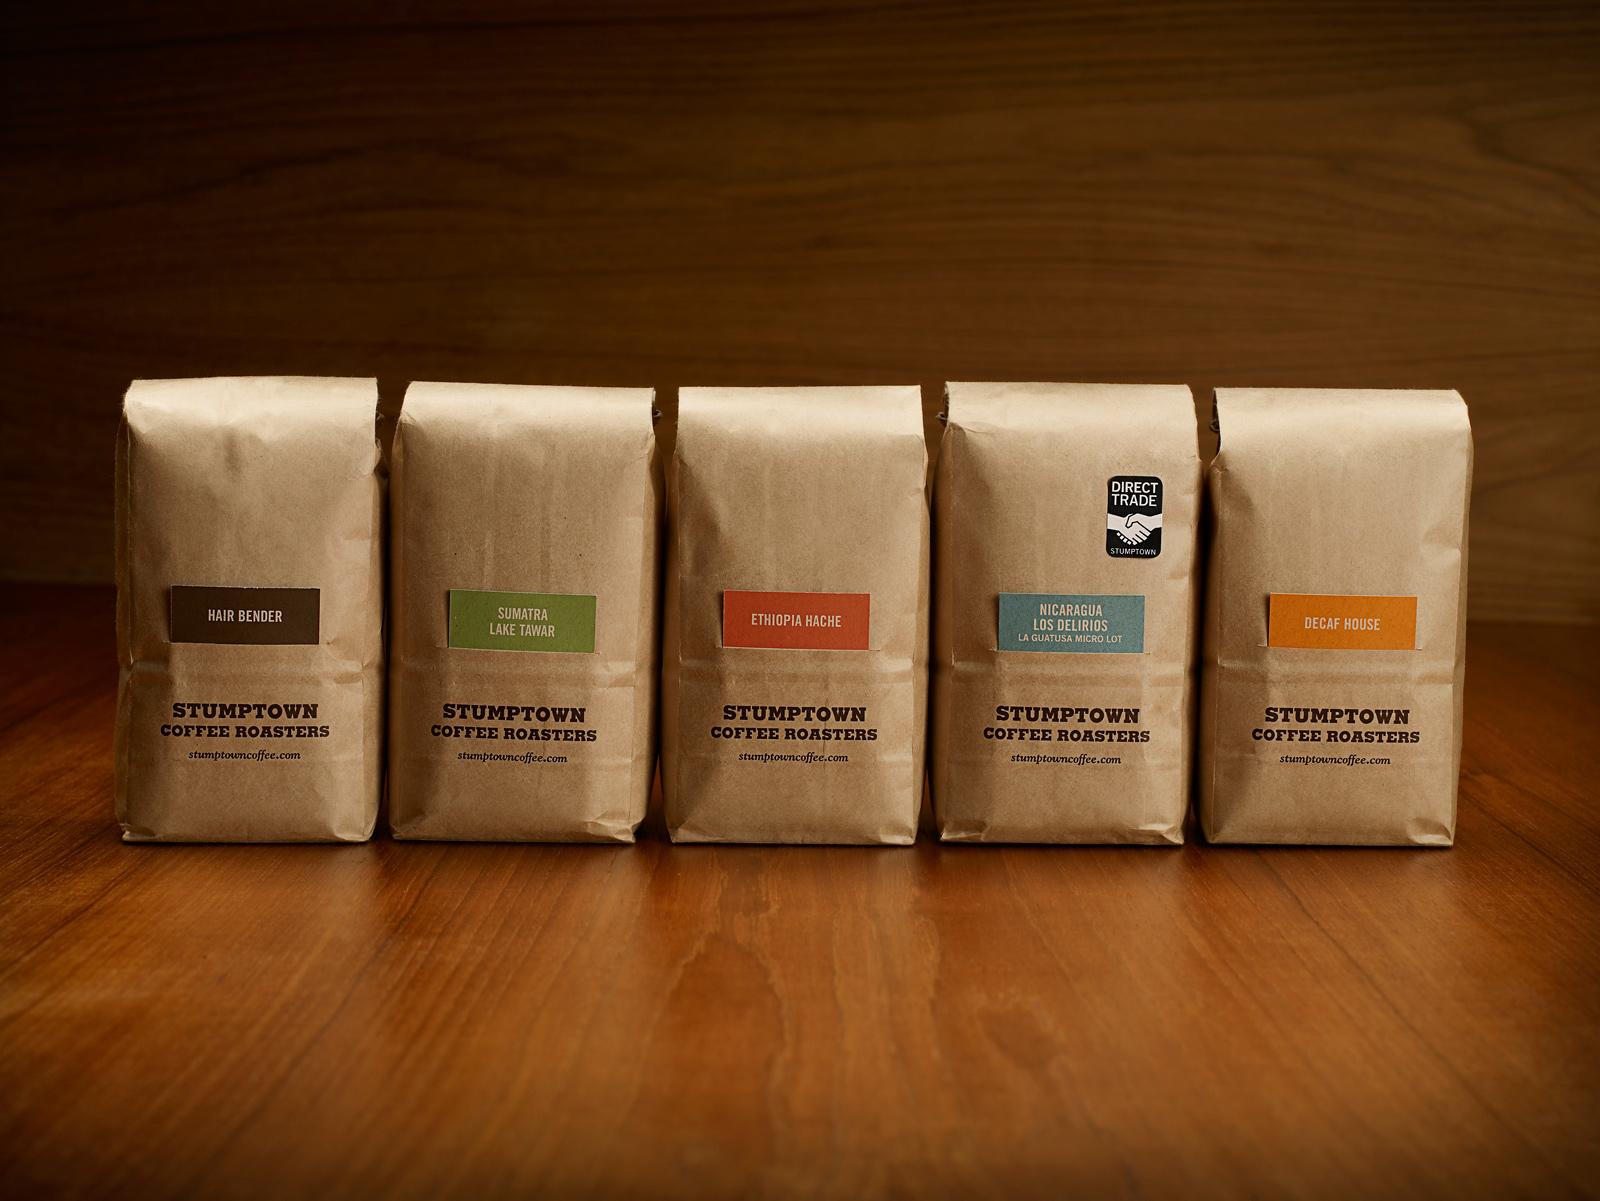 stumptown-coffee-omfg-co